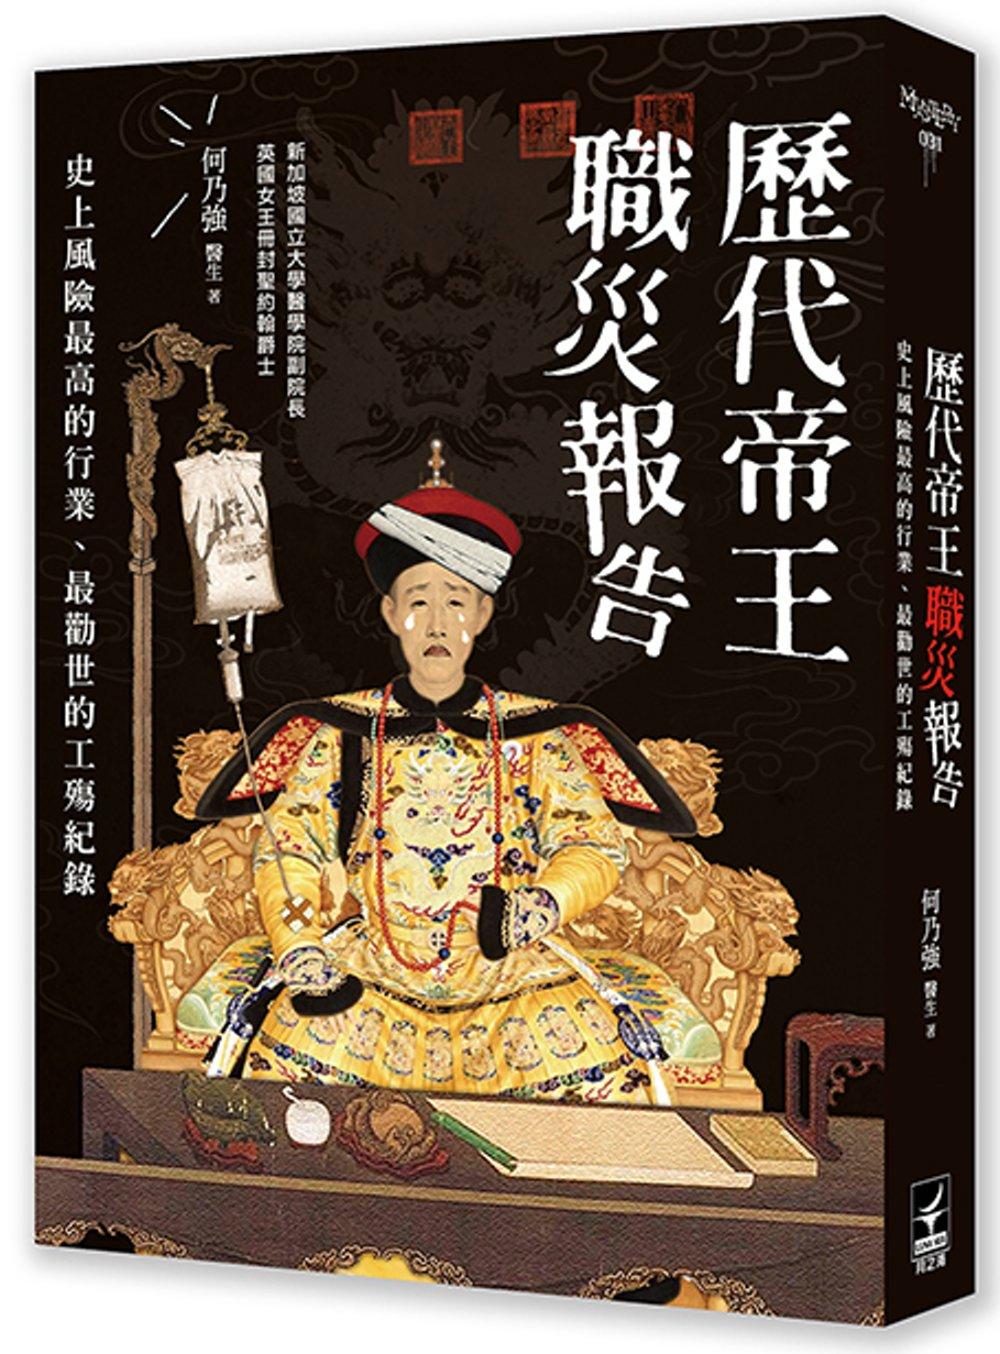 歷代帝王職災報告:史上風險最高的行業、最勸世的工殤紀錄